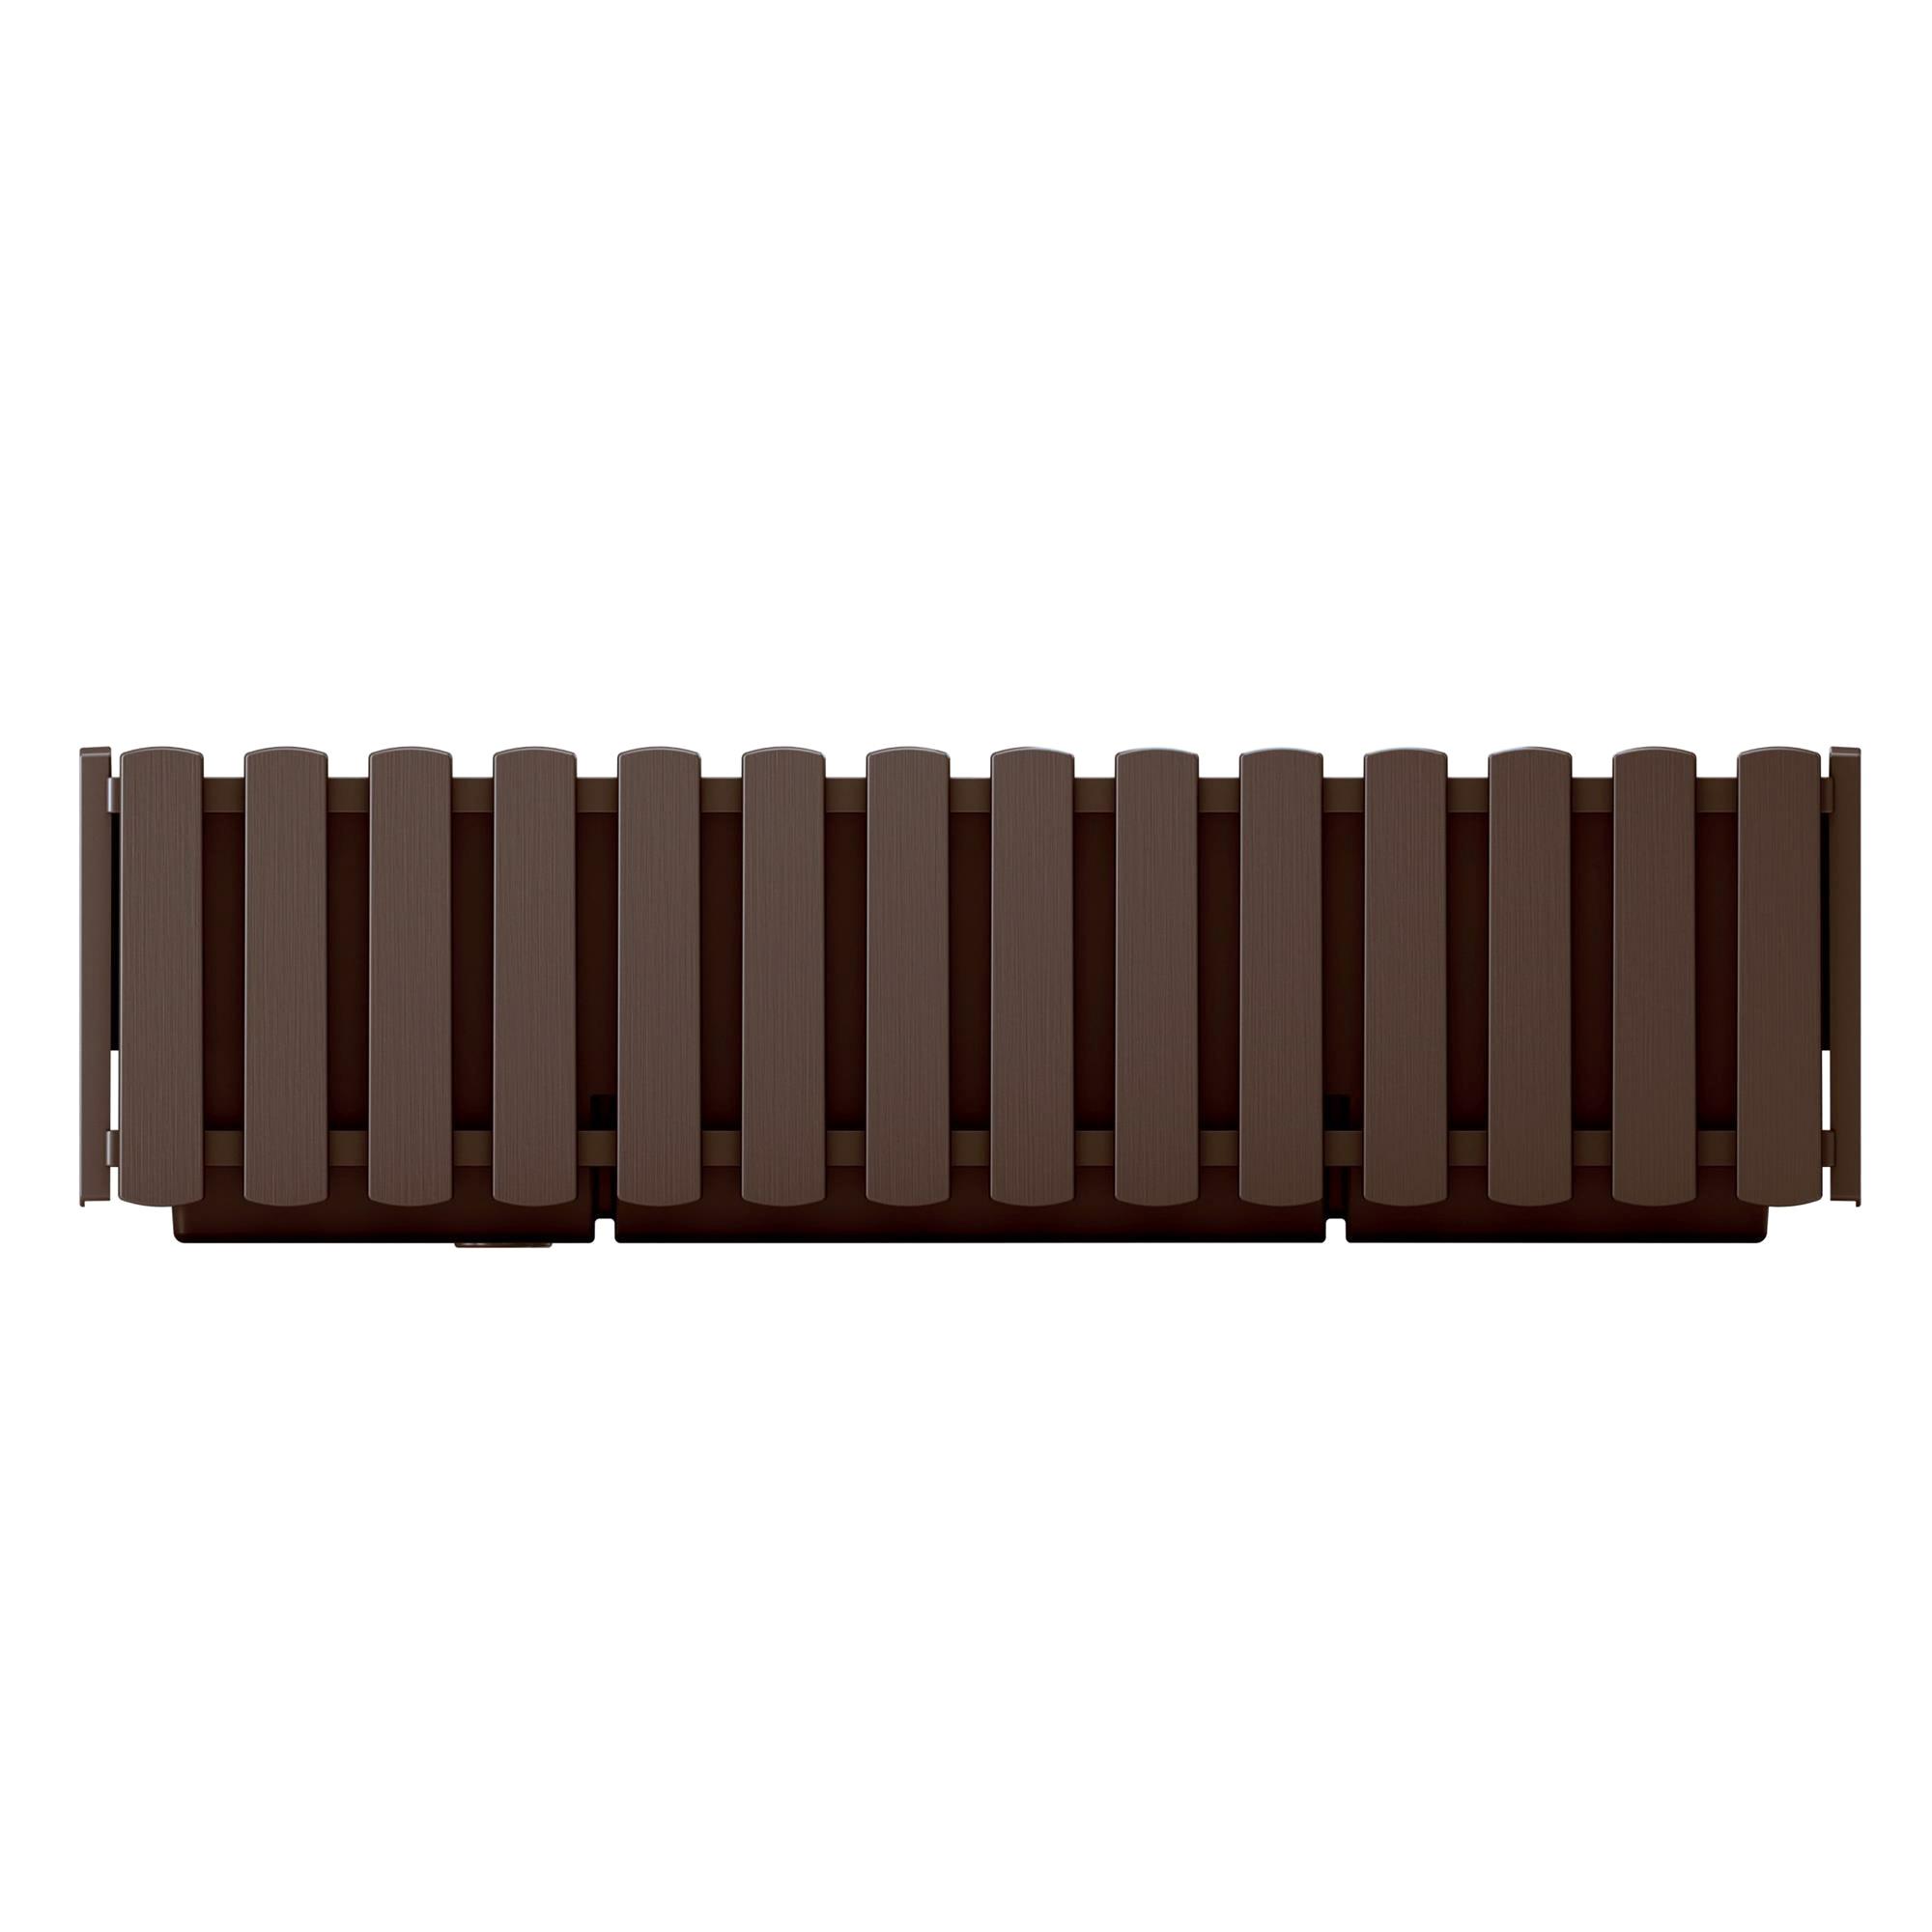 Ящик балконный Prosperplast Boardee fence коричневый 40см